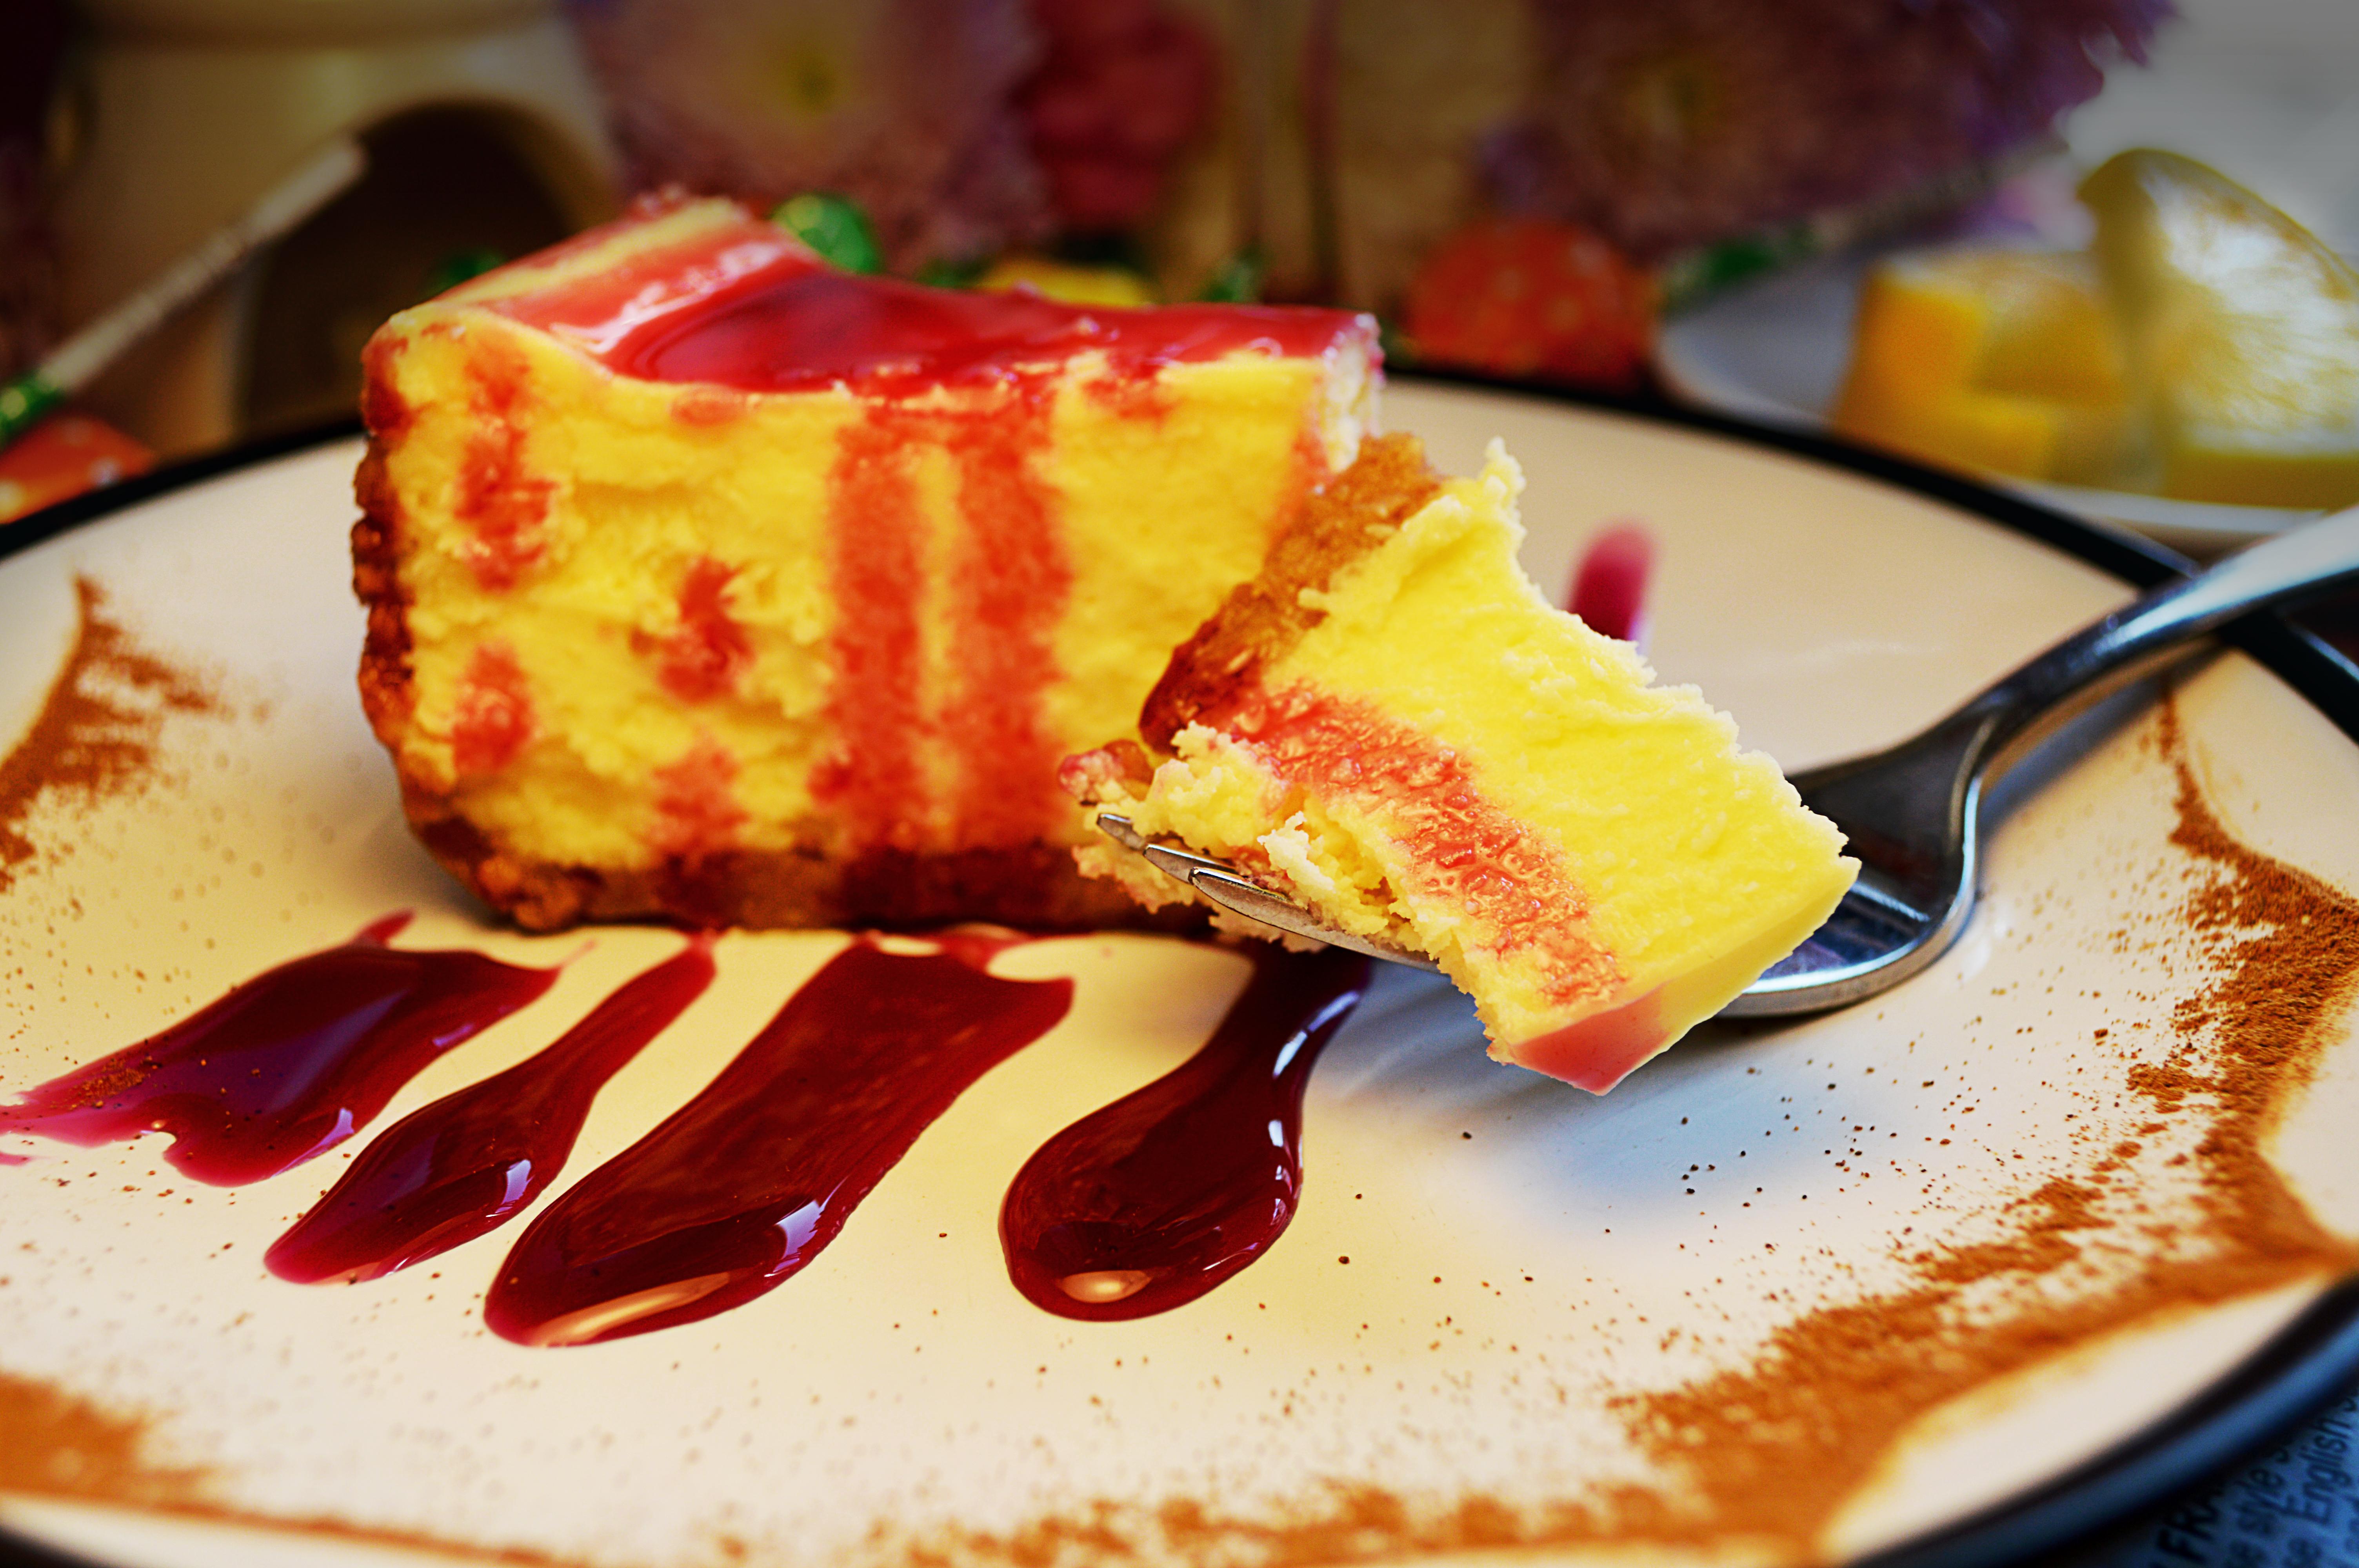 Aveiro Creamy Cheese Cake